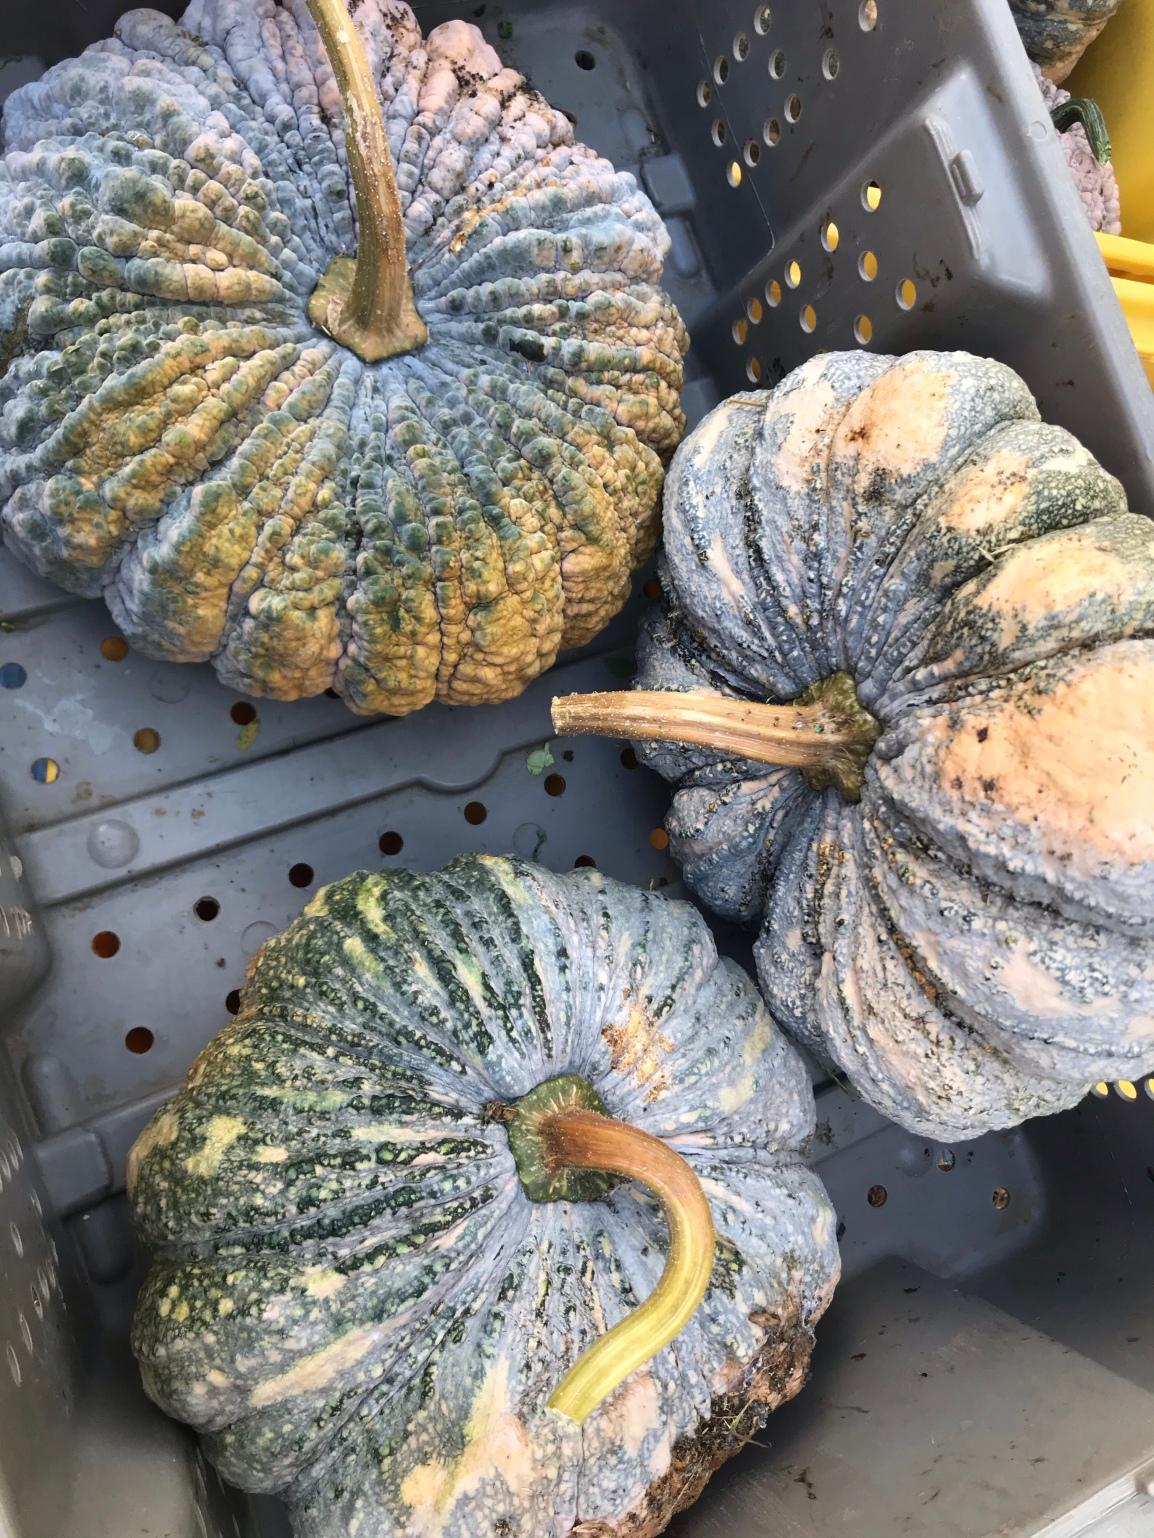 Wednesday ARTfarm Produce Pickups 3/10/2021: Drytimes!